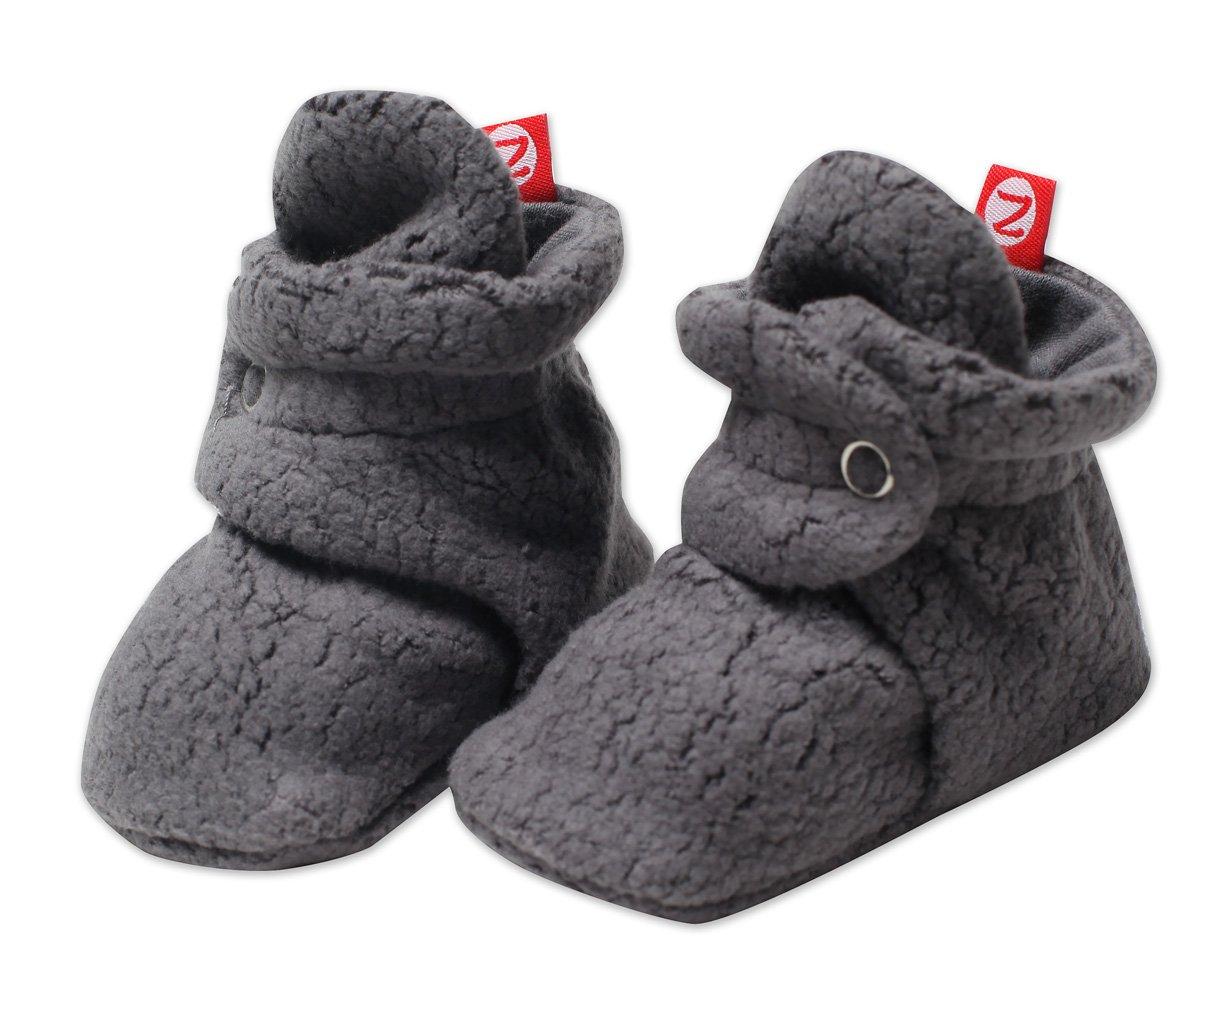 Zutano Newborn Unisex-Baby Fleece Bootie